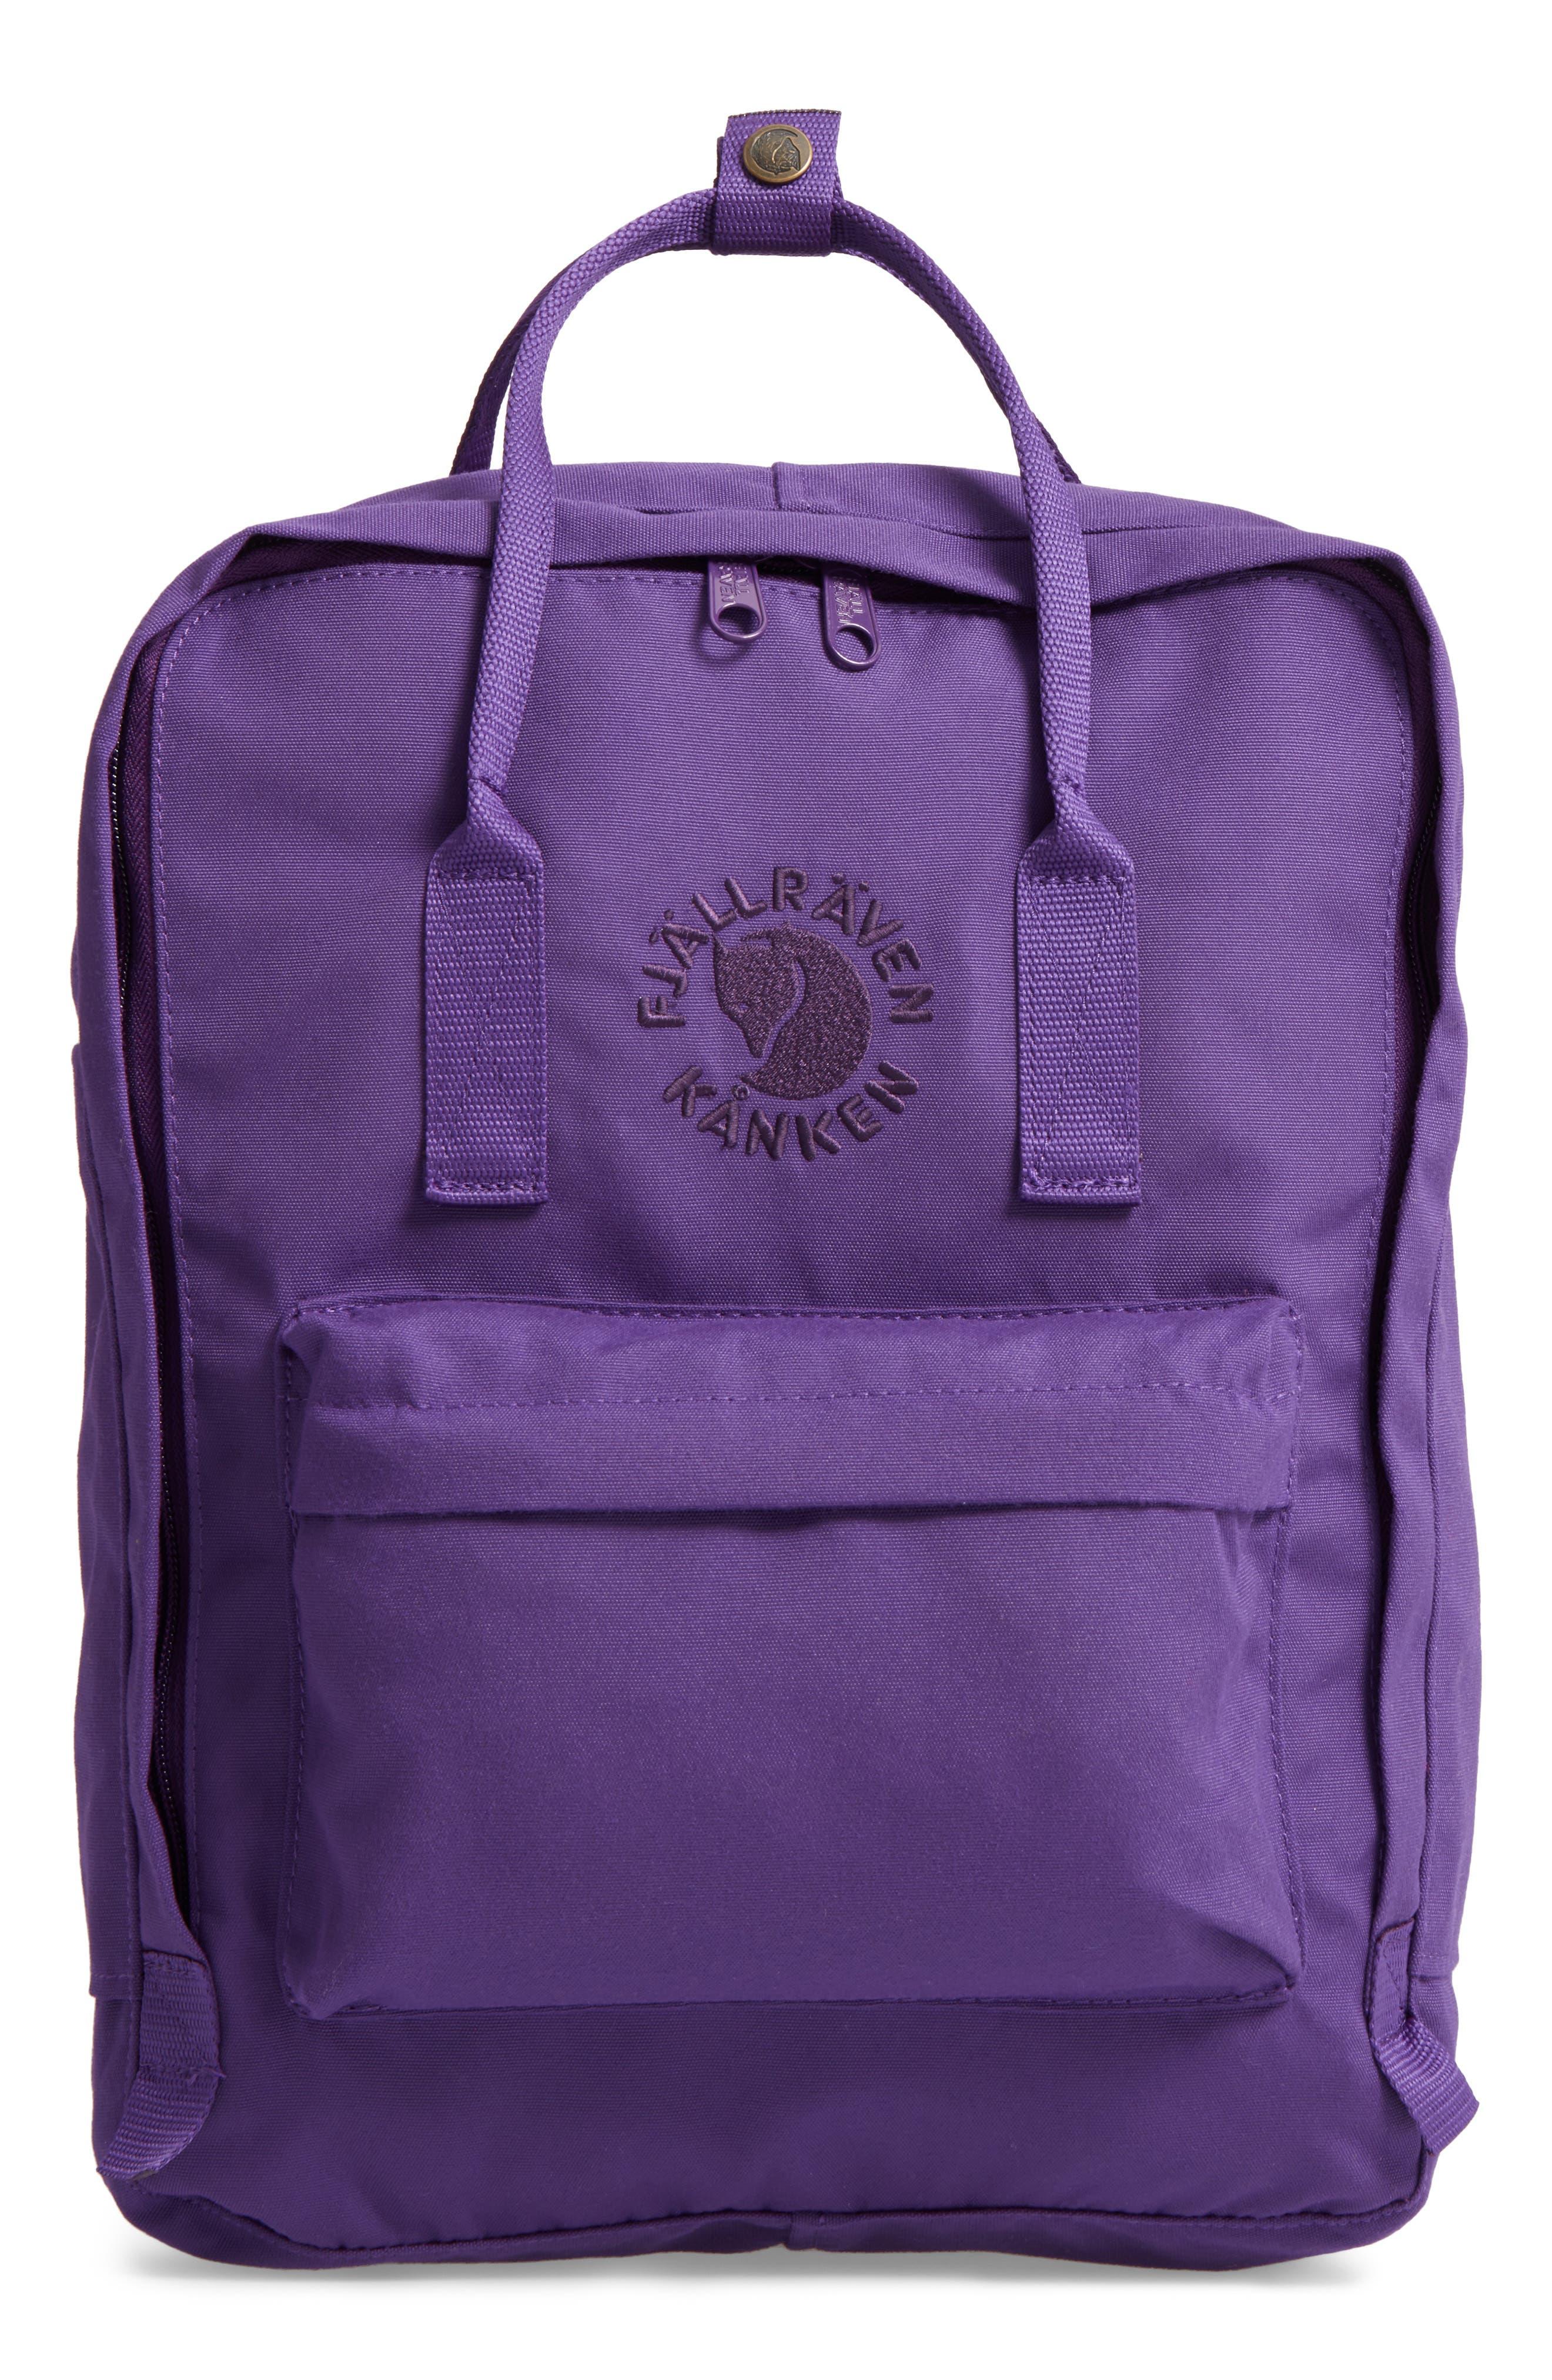 Re-Kånken Water Resistant Backpack,                         Main,                         color, DEEP VIOLET